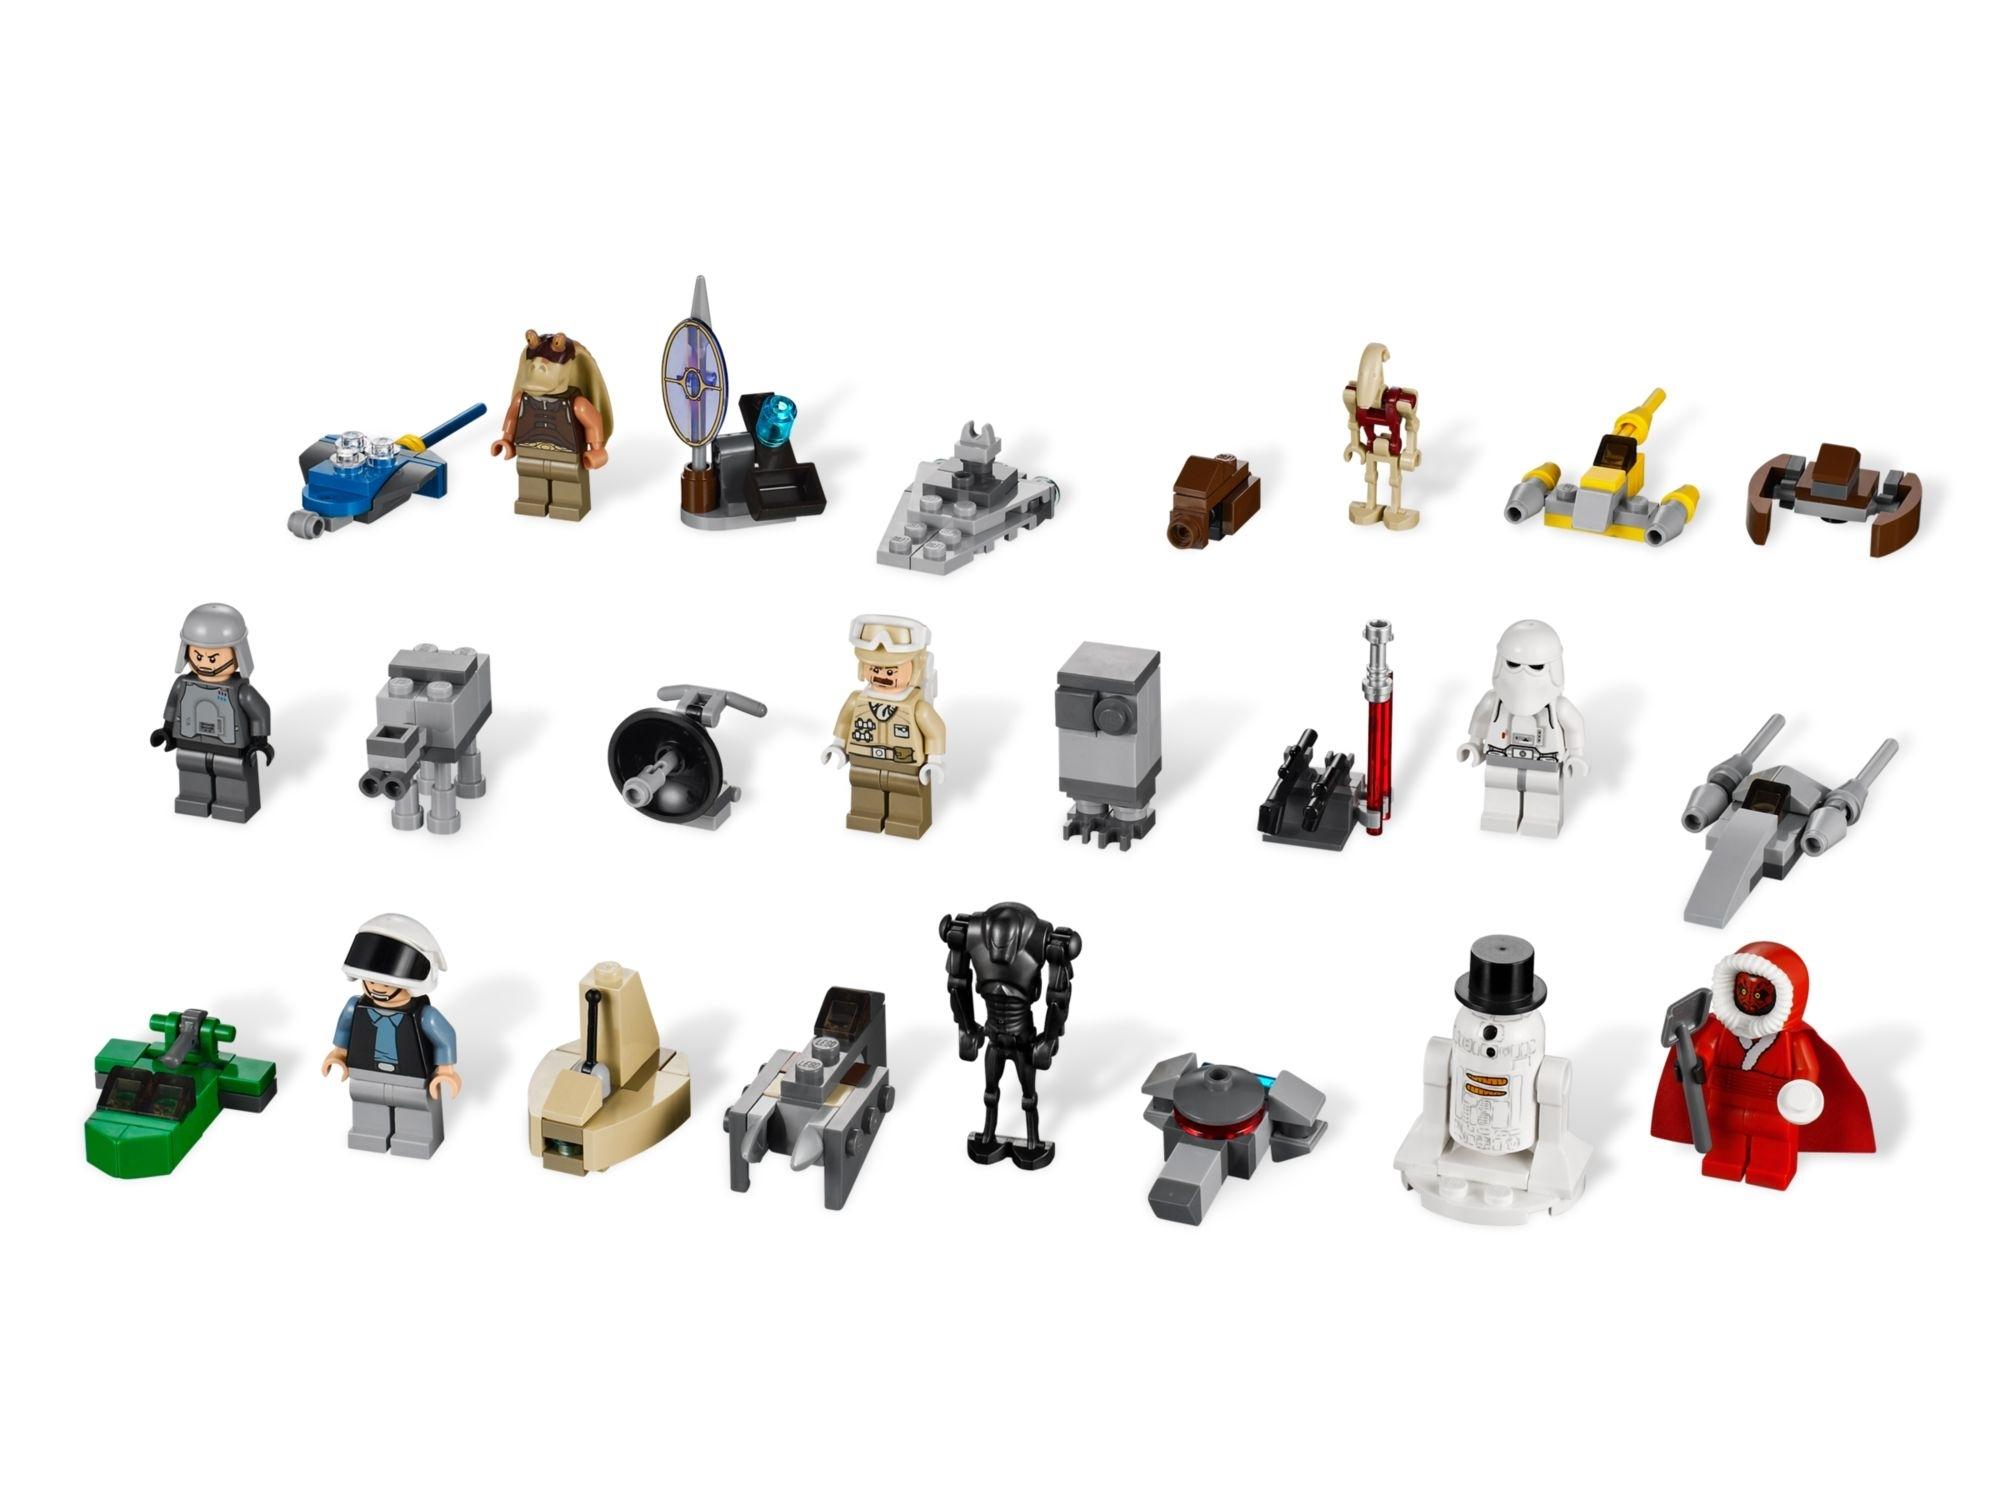 Lego® Star Wars™ Advent Calendar 9509 in All Star Wars Advent Calendar